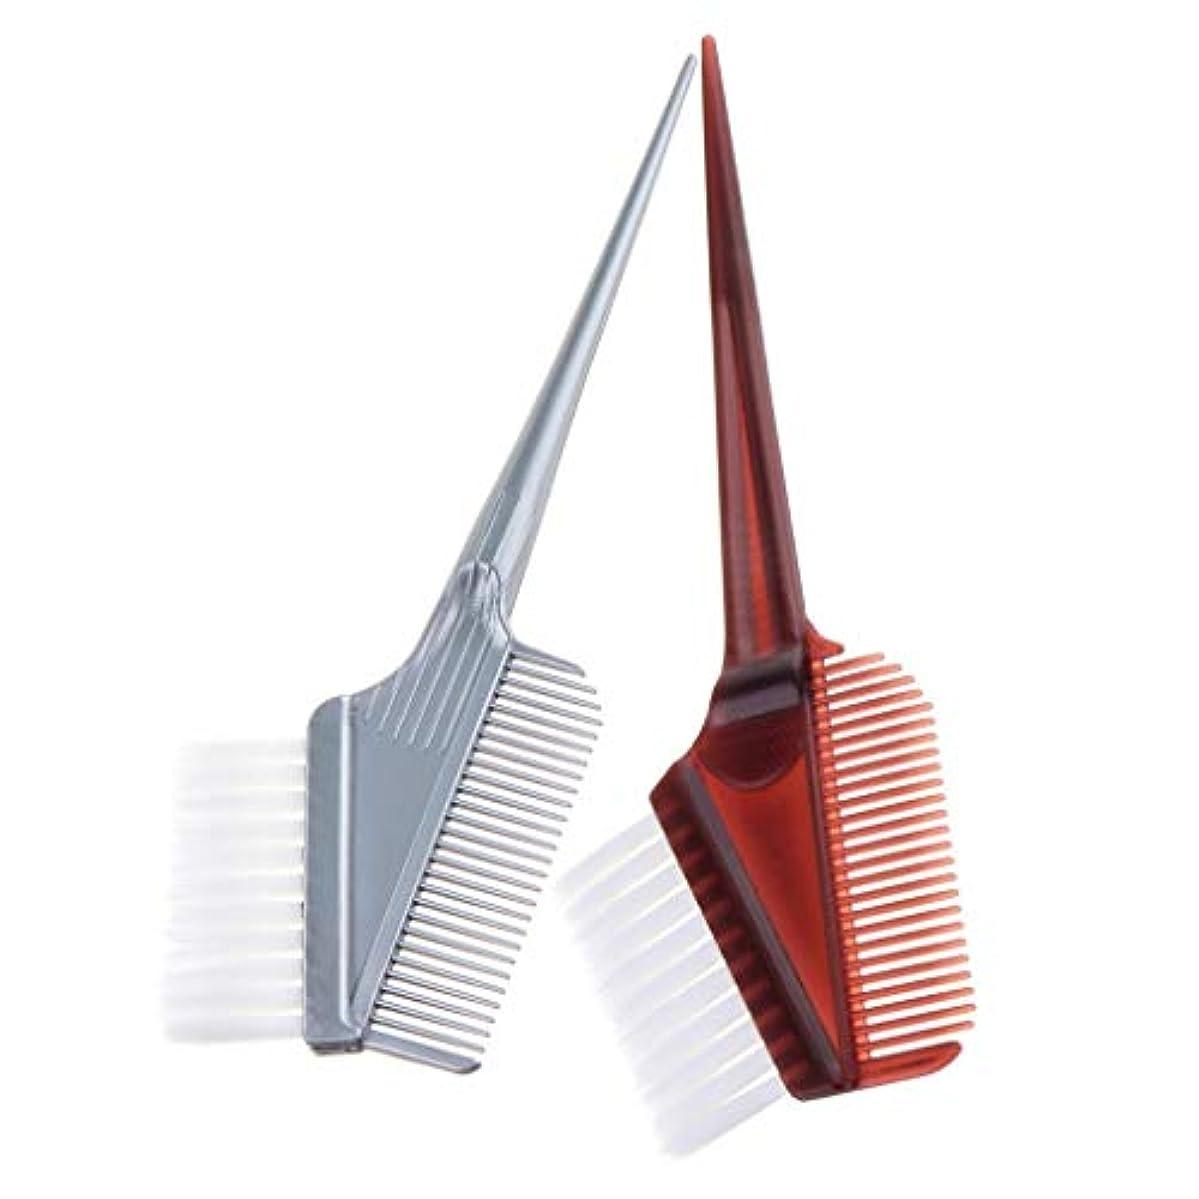 自発的ミシン目仕出しますPerfeclan ヘアダイ コーム 毛染め カラーリングブラシ 髪染めブラシ ヘアトリートメント ヘアカラー